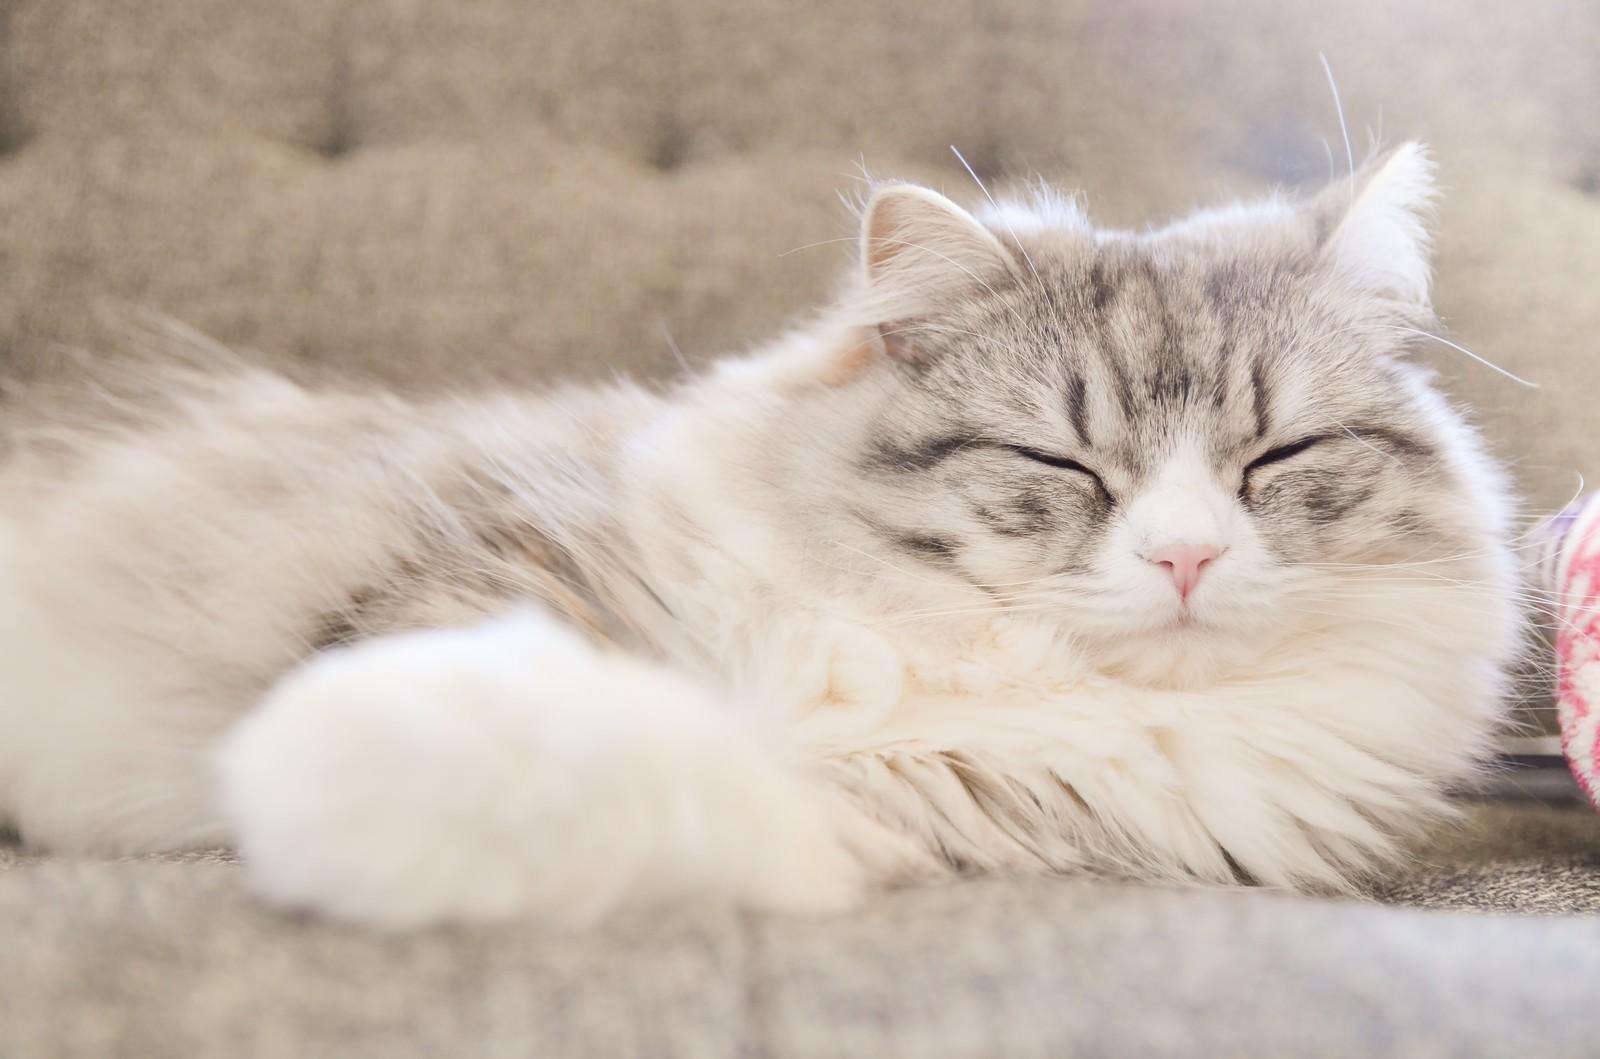 「ソファーで寝てるメス猫(スコティッシュフォールド)ソファーで寝てるメス猫(スコティッシュフォールド)」のフリー写真素材を拡大